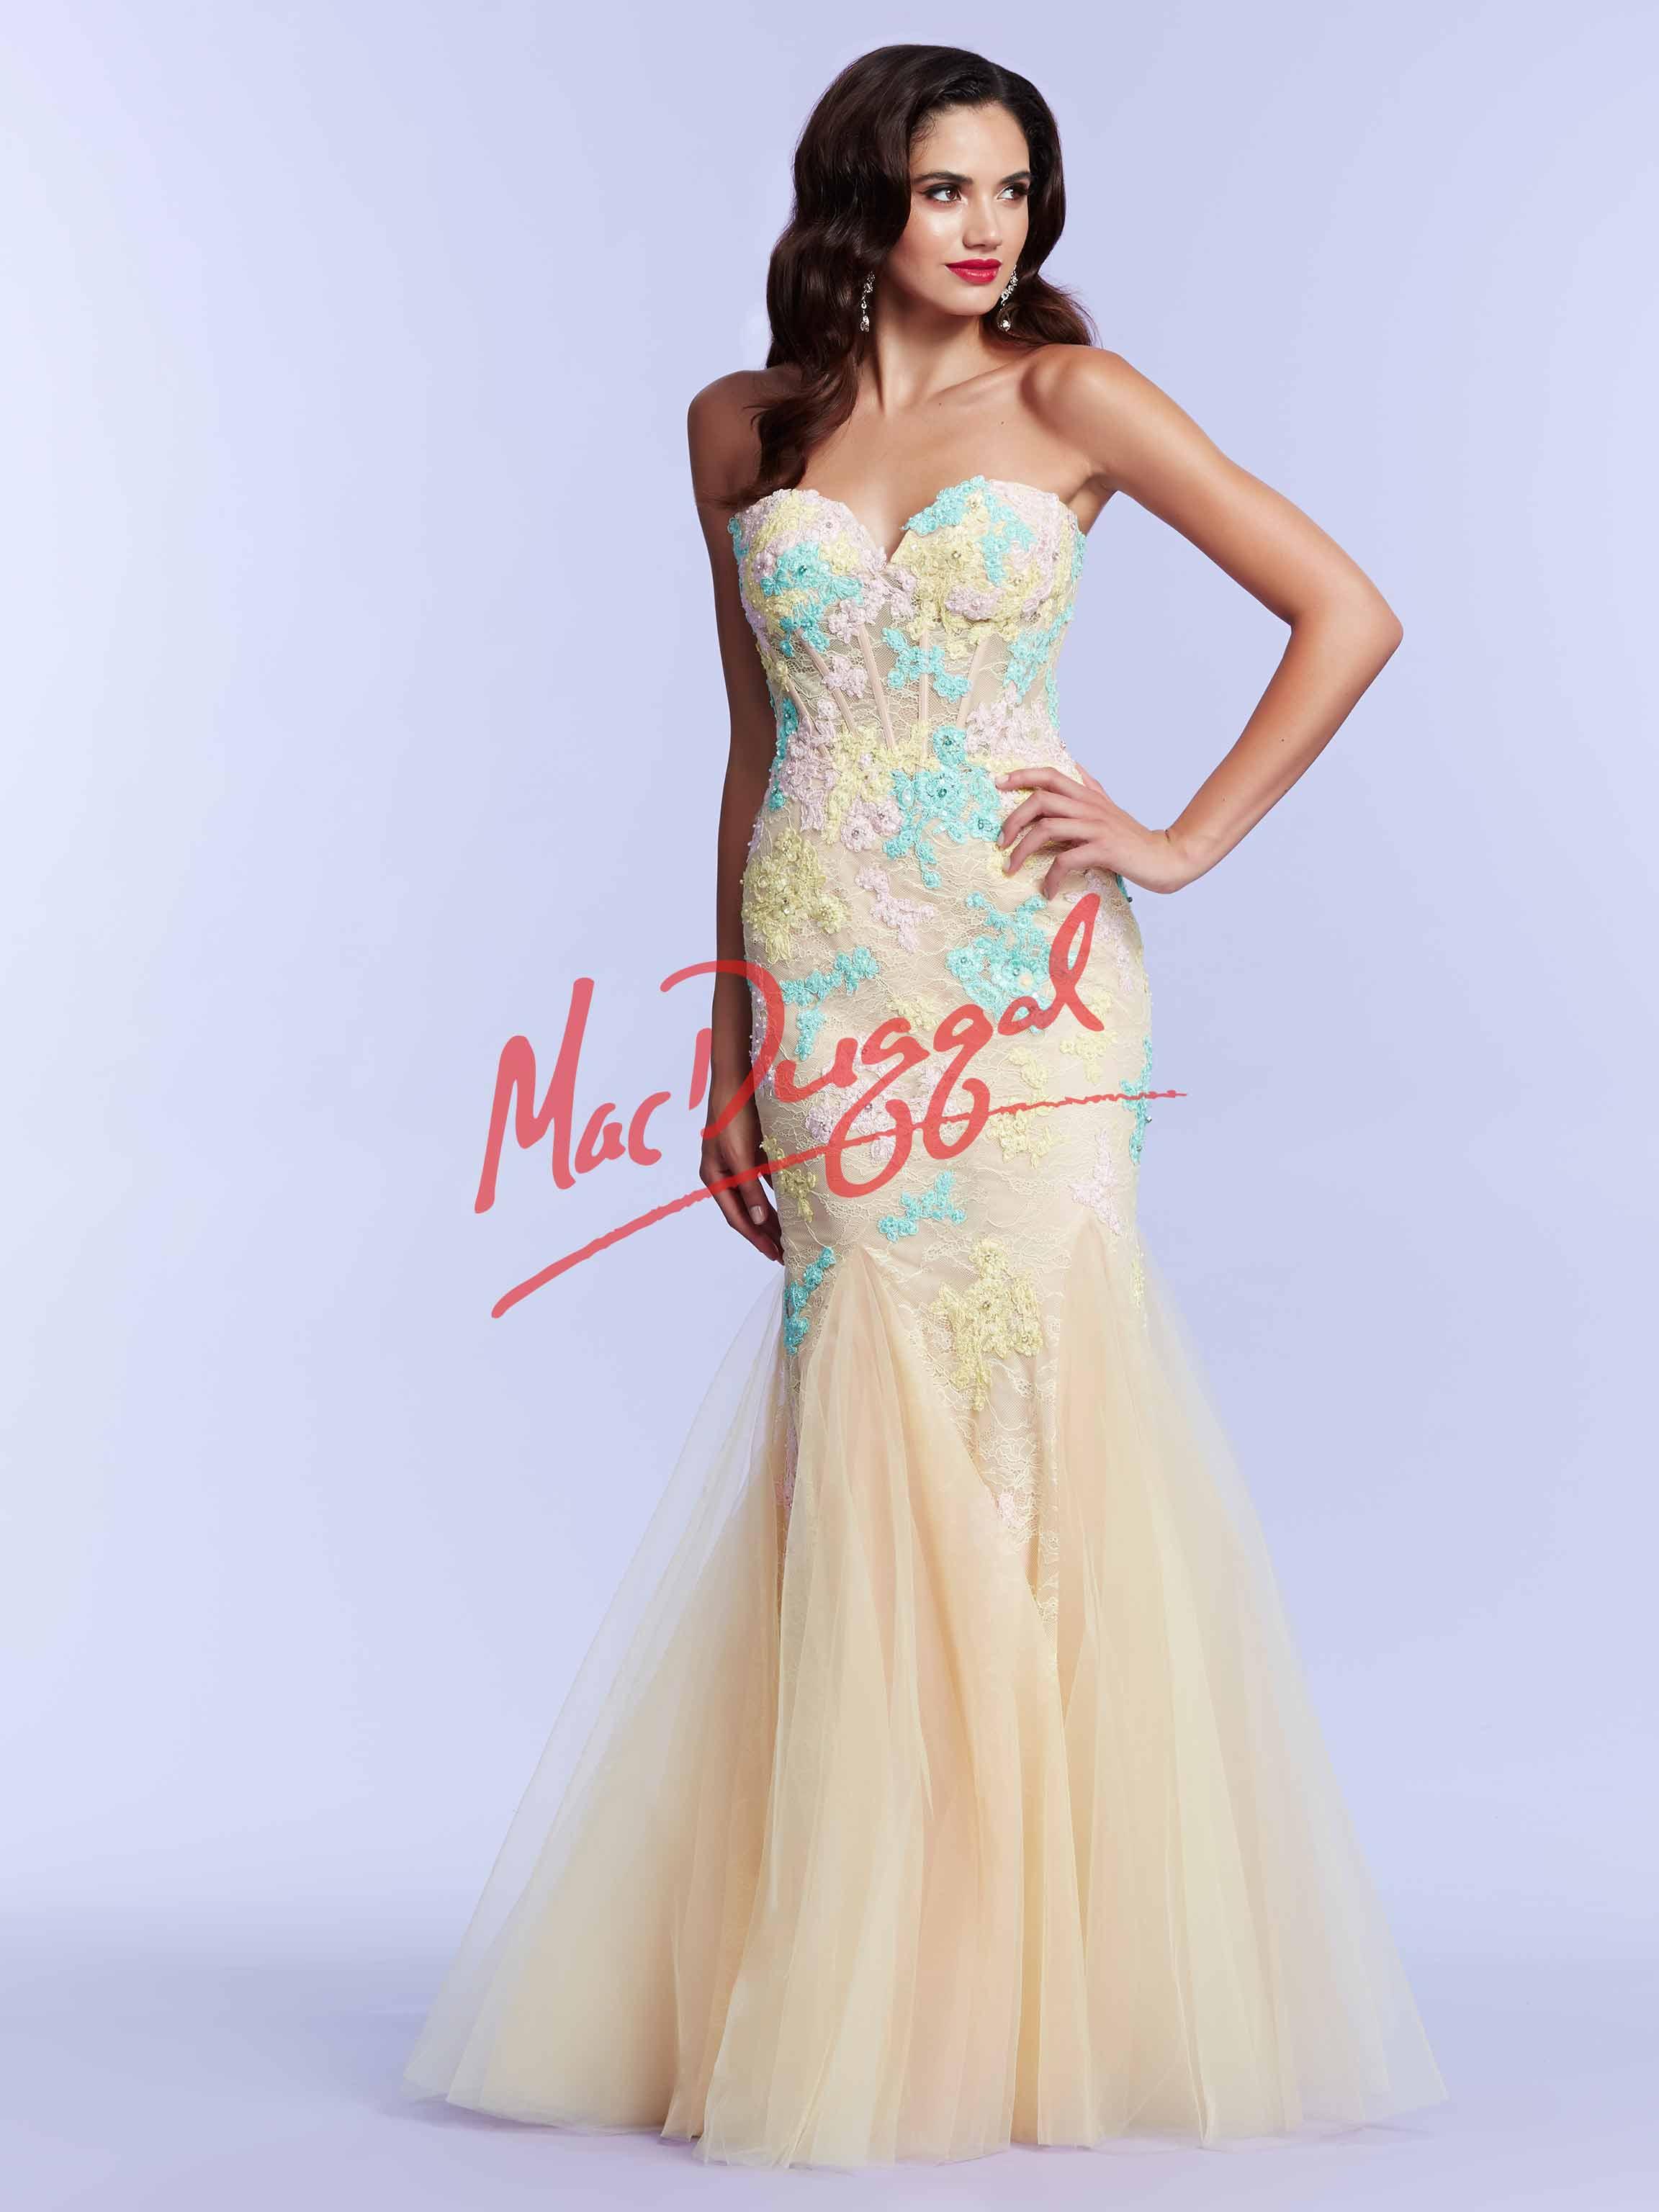 Evening gown | Fashion Nexus